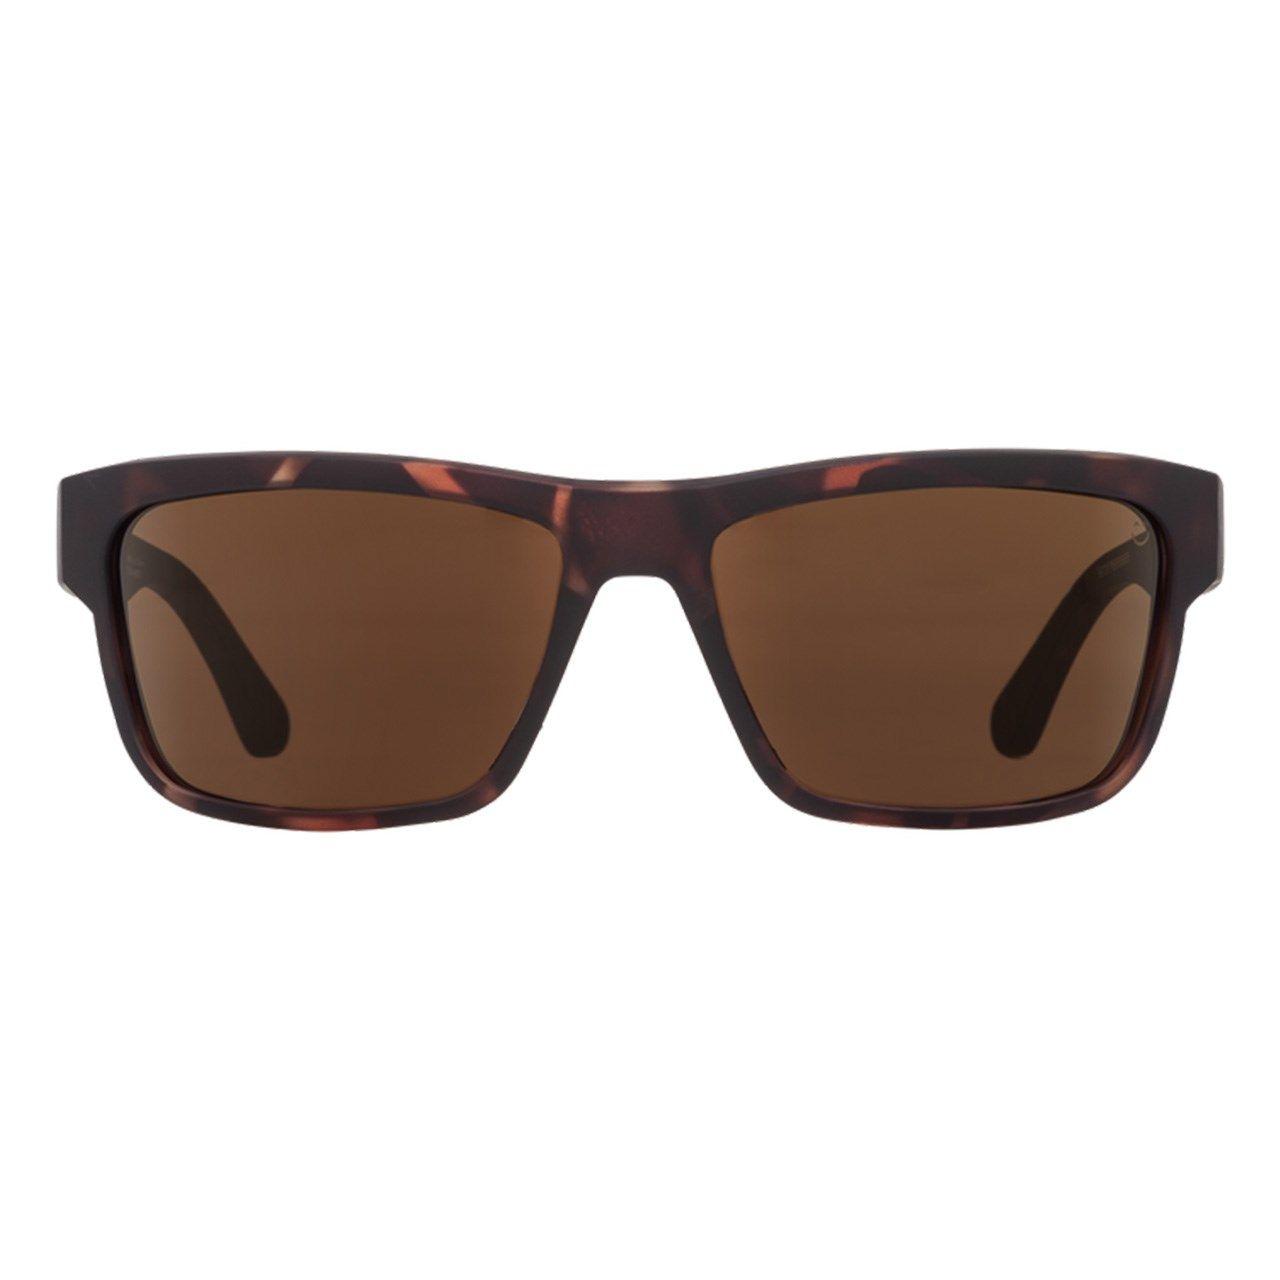 عینک آفتابی اسپای سری Frazier مدل Matte Camo Tort  Happy Bronze -  - 1